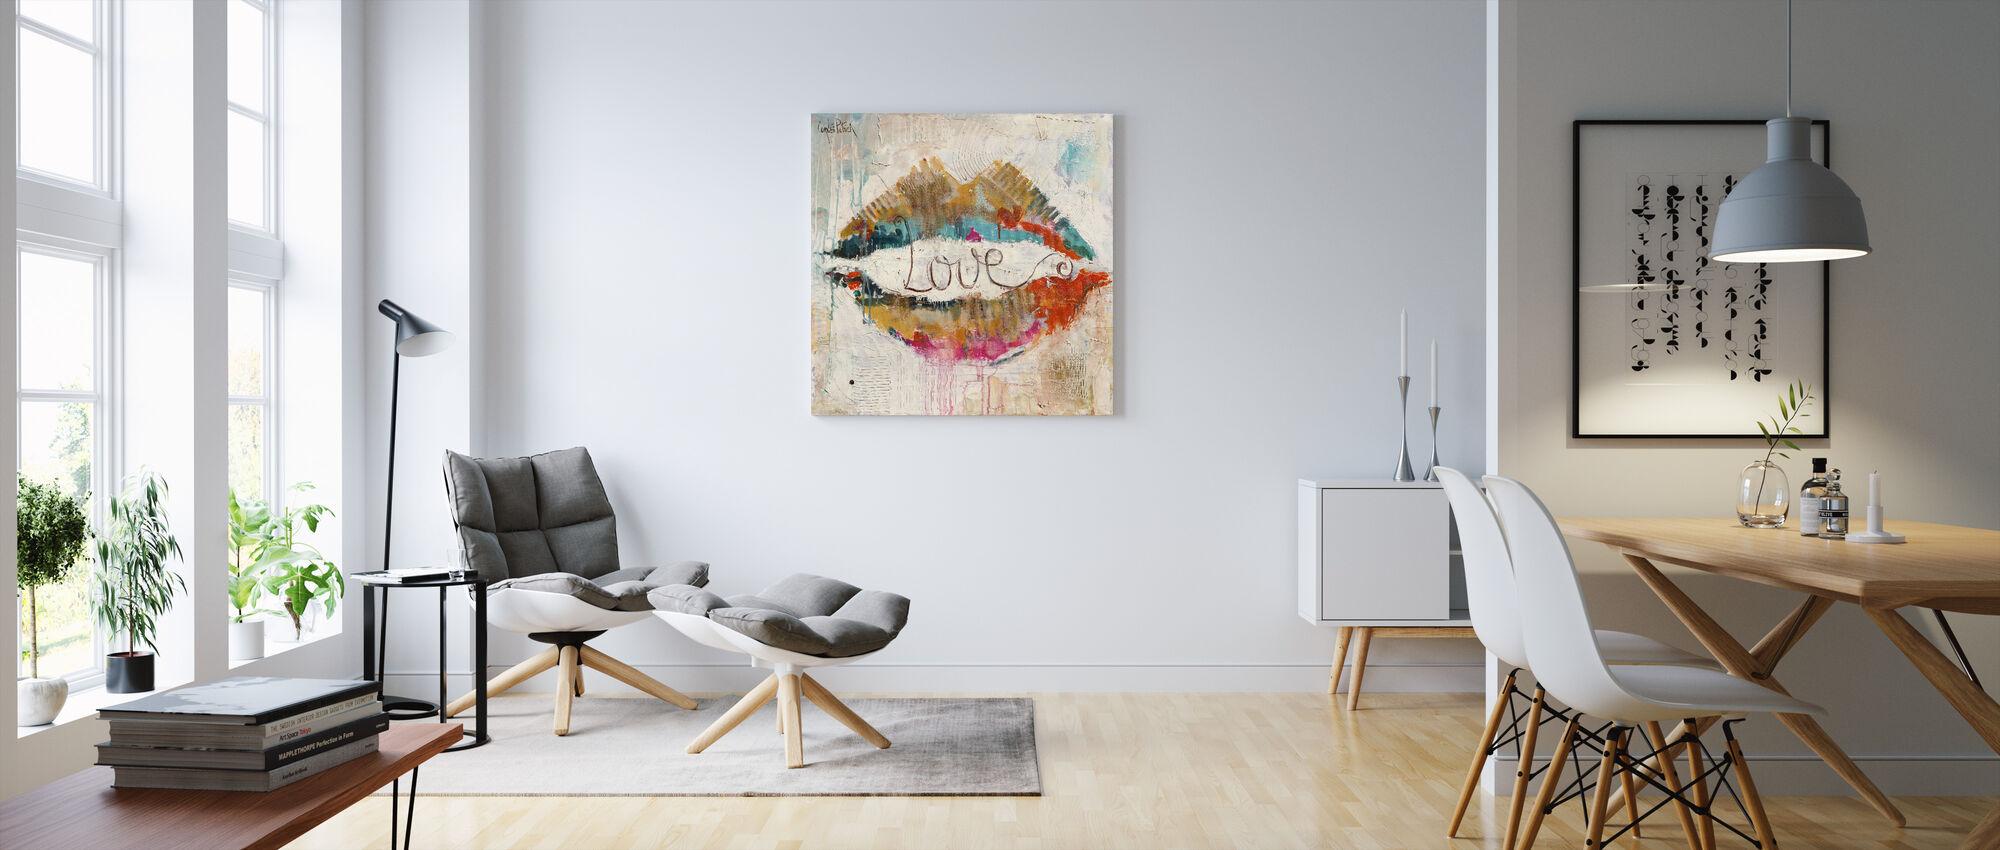 Kärlek - Canvastavla - Vardagsrum